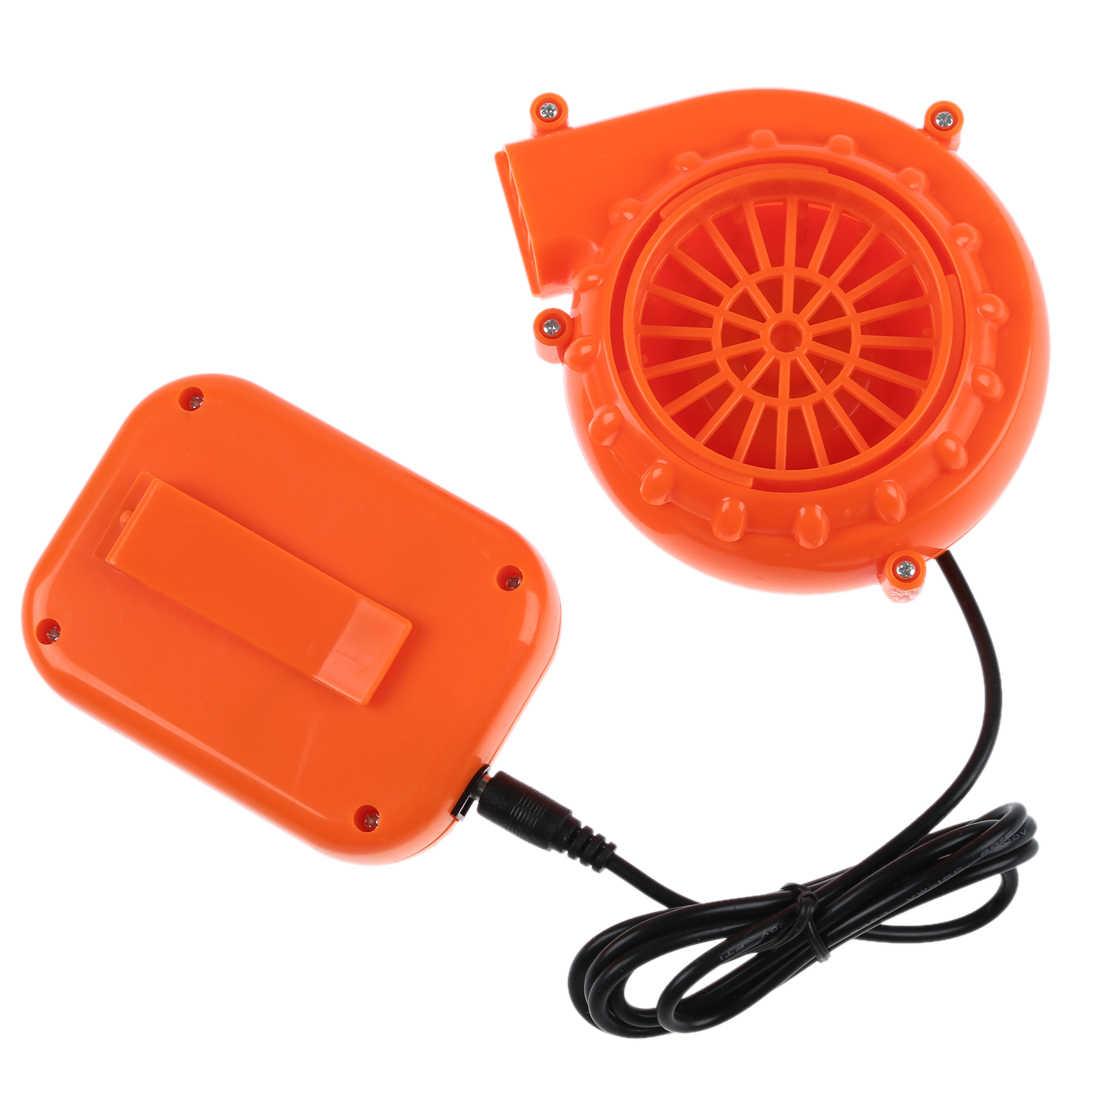 Миниатюрный вентилятор для головы талисмана надувной костюм 6 V питание 4xAA сухой аккумулятор оранжевый